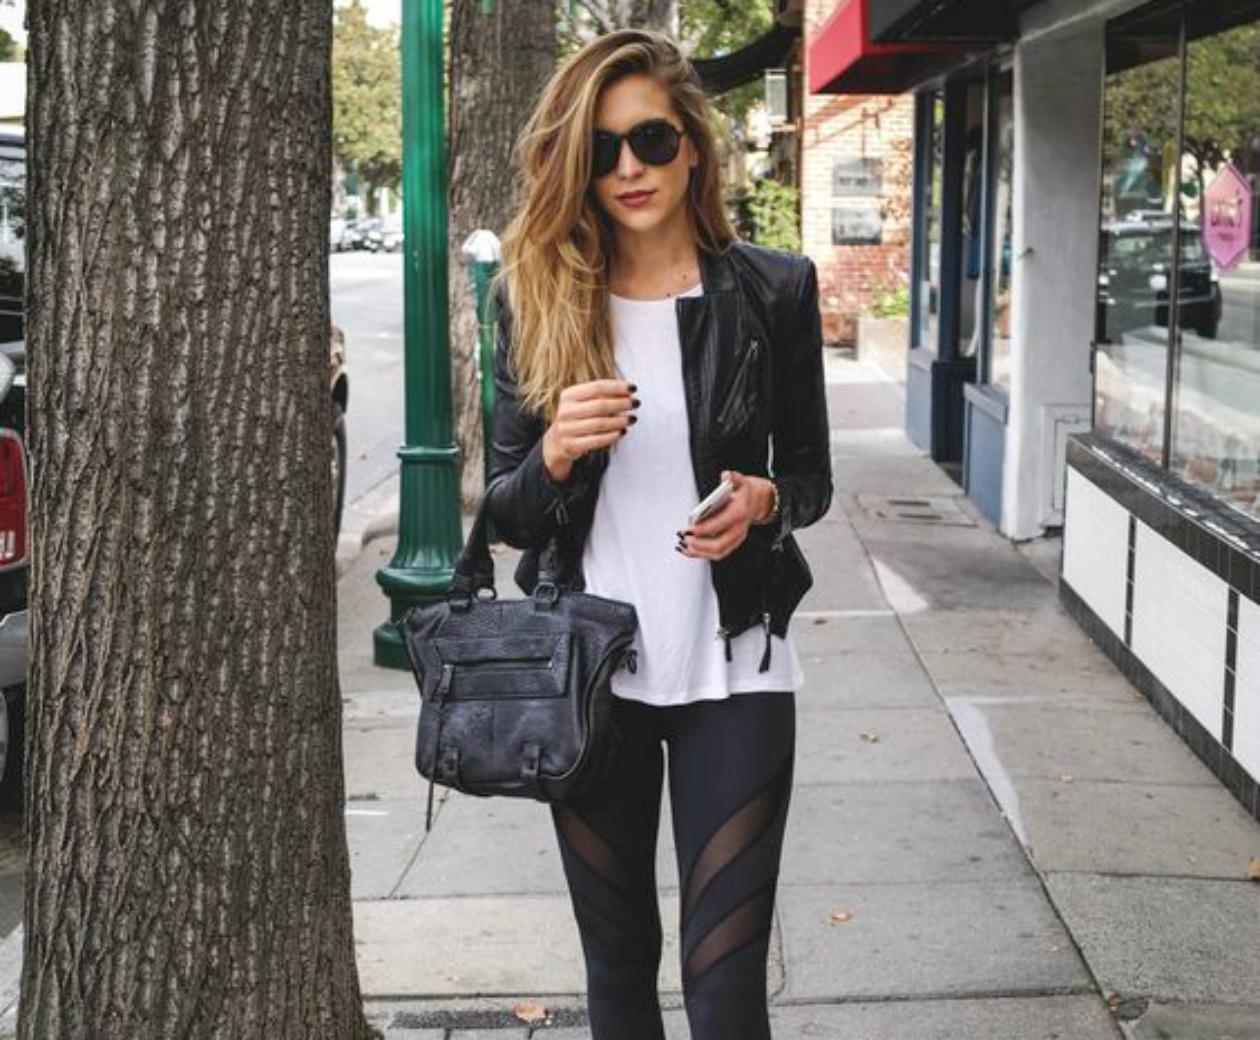 e355feba5c0 Σήμερα για τις βόλτες σου στα Ιωάννινα……φόρεσε το μαύρο σου κολάν ...